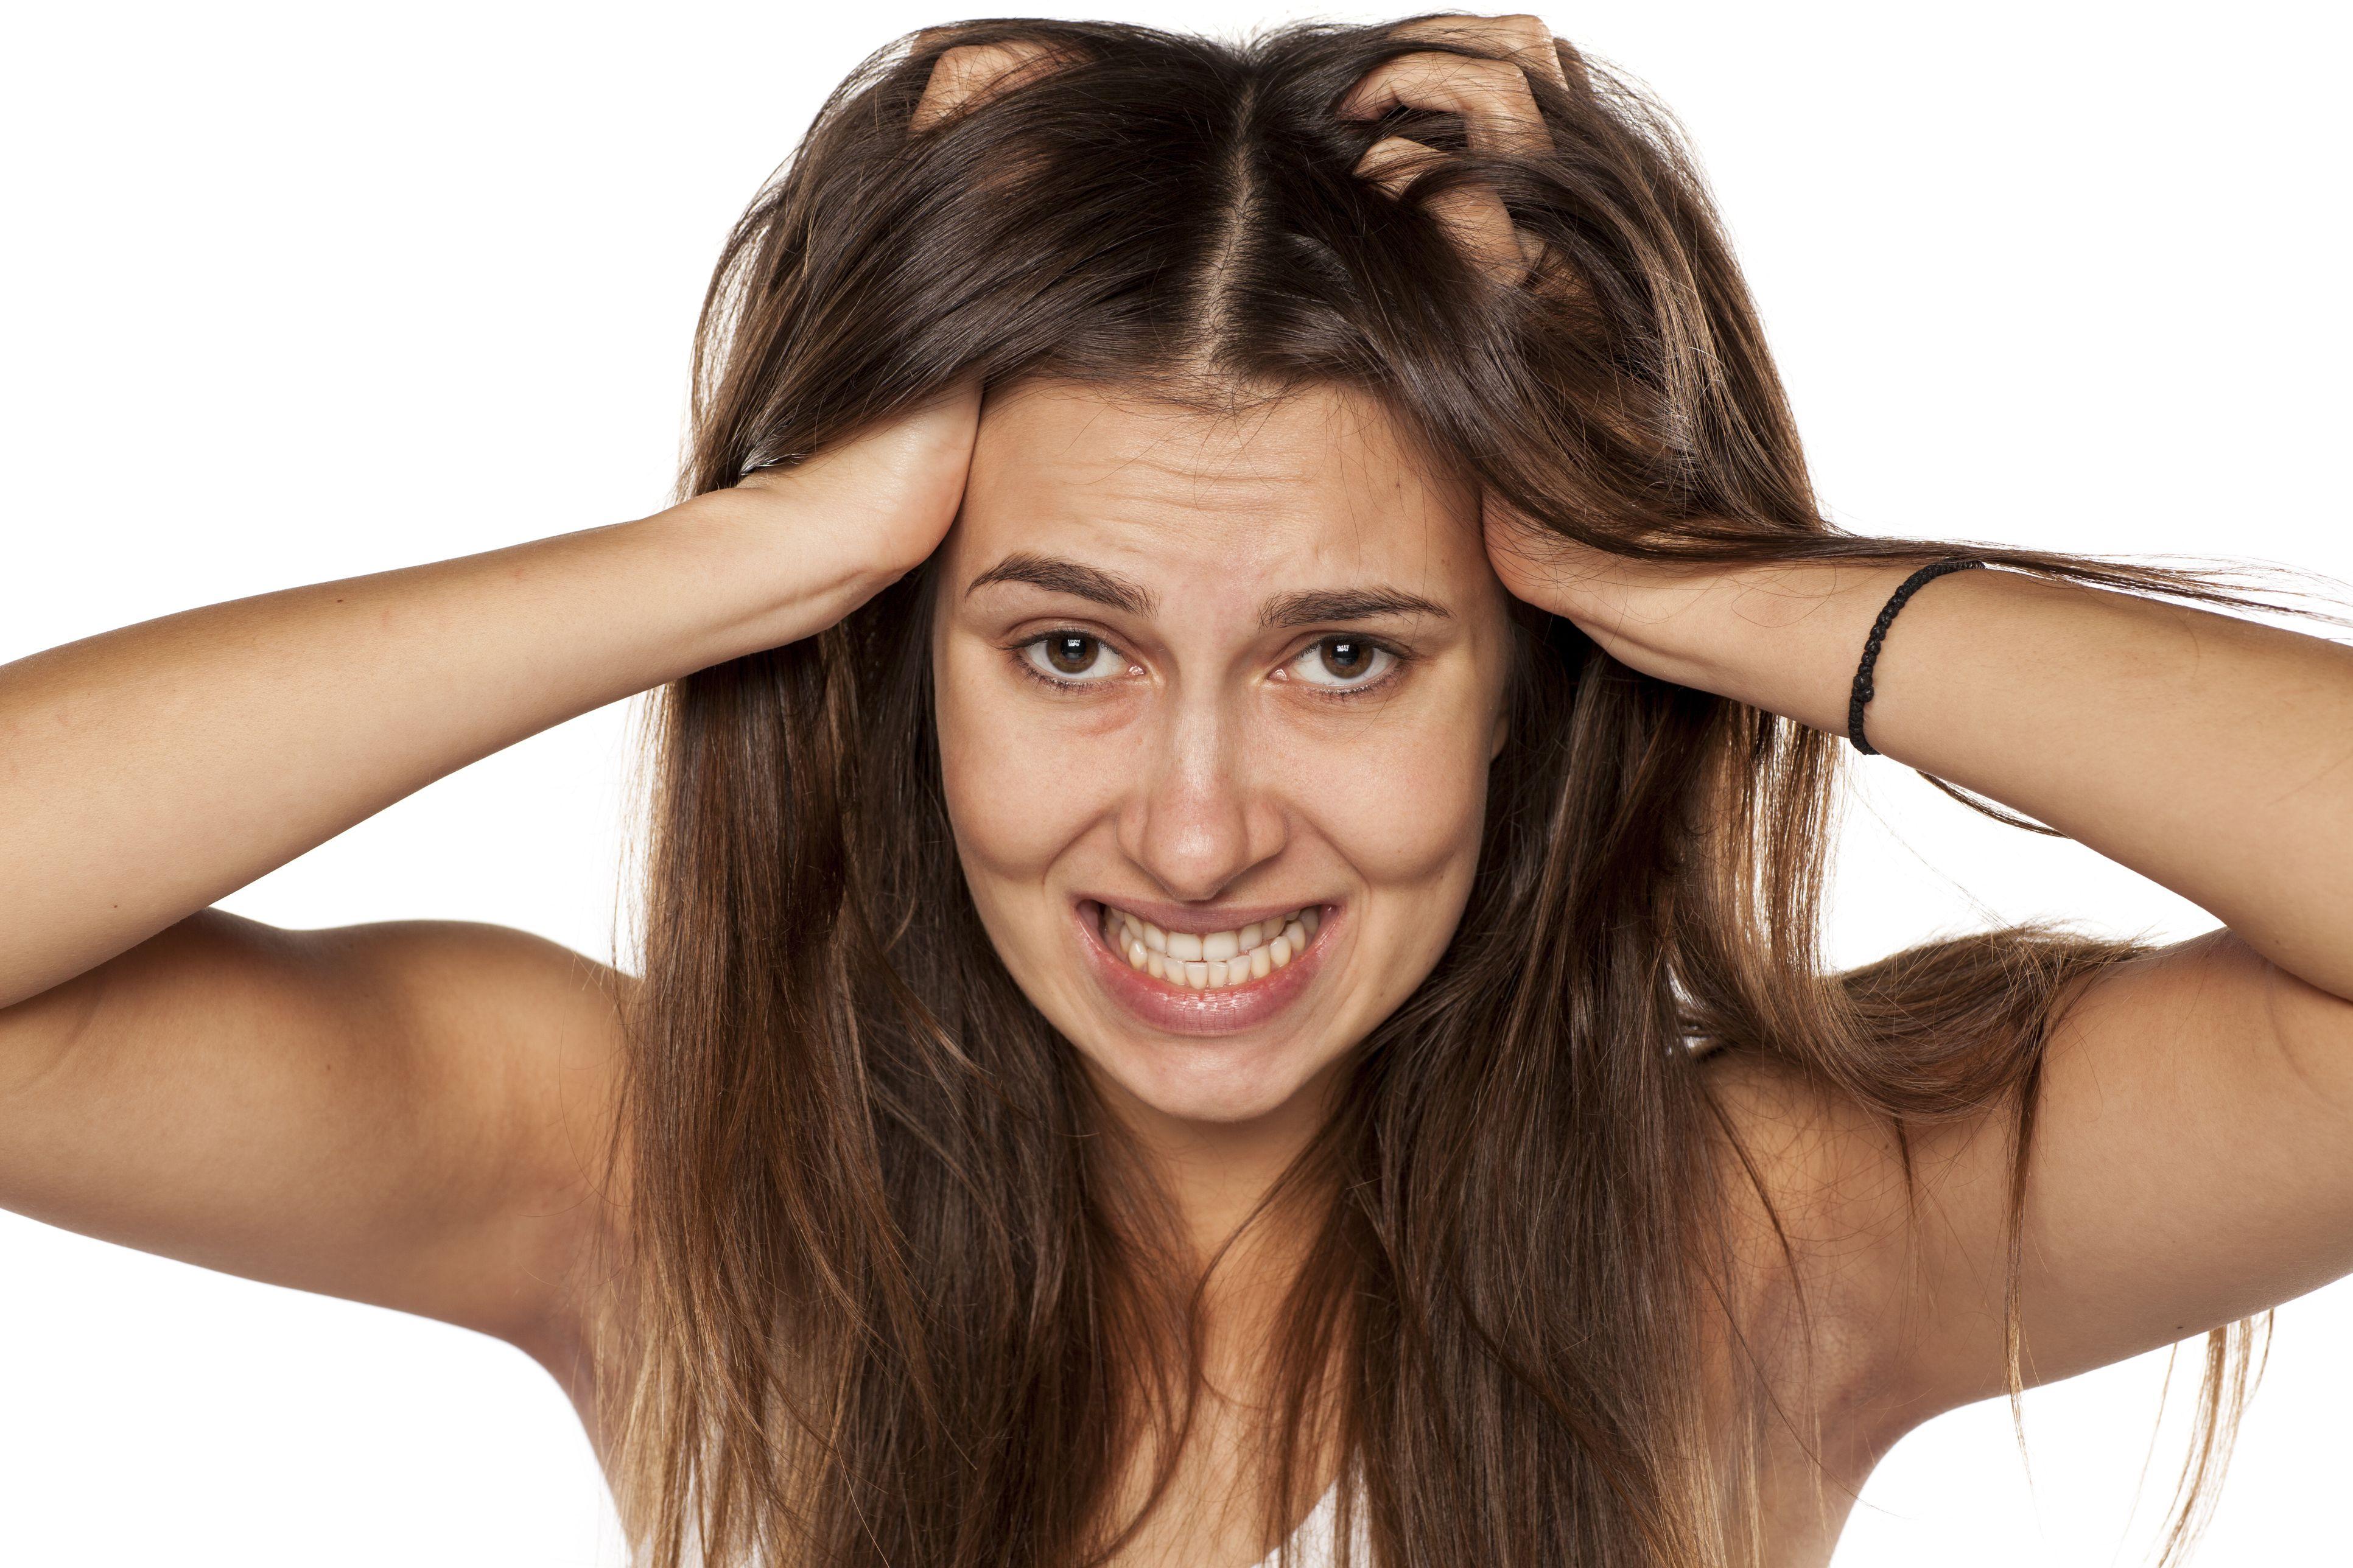 hogyan kezeljük a korpásodás pikkelysömörét az arcon a folt pirosan viszket